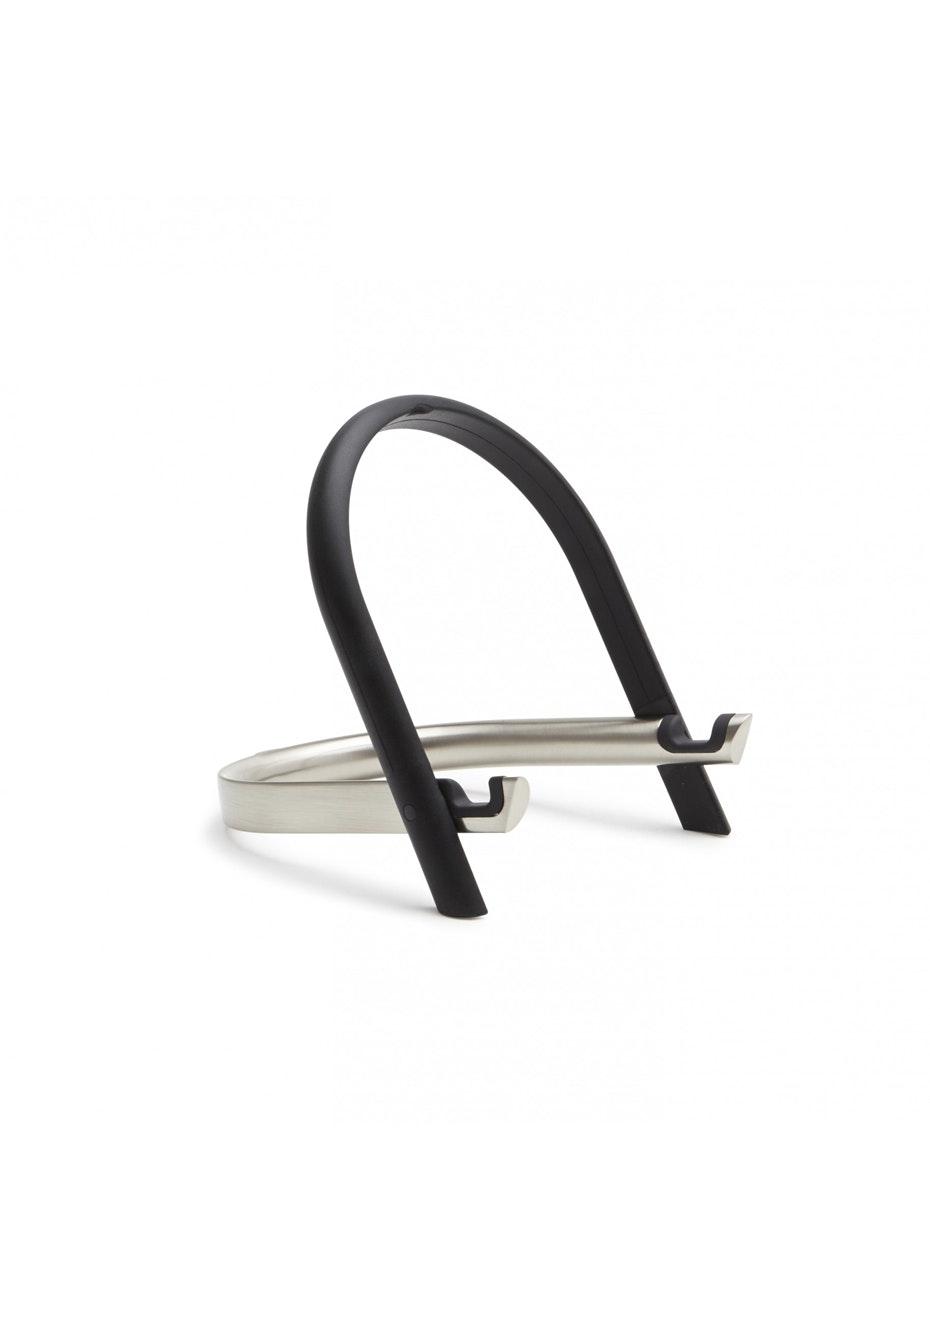 Umbra - Udock - Tablet Holder  - Black/Nickel